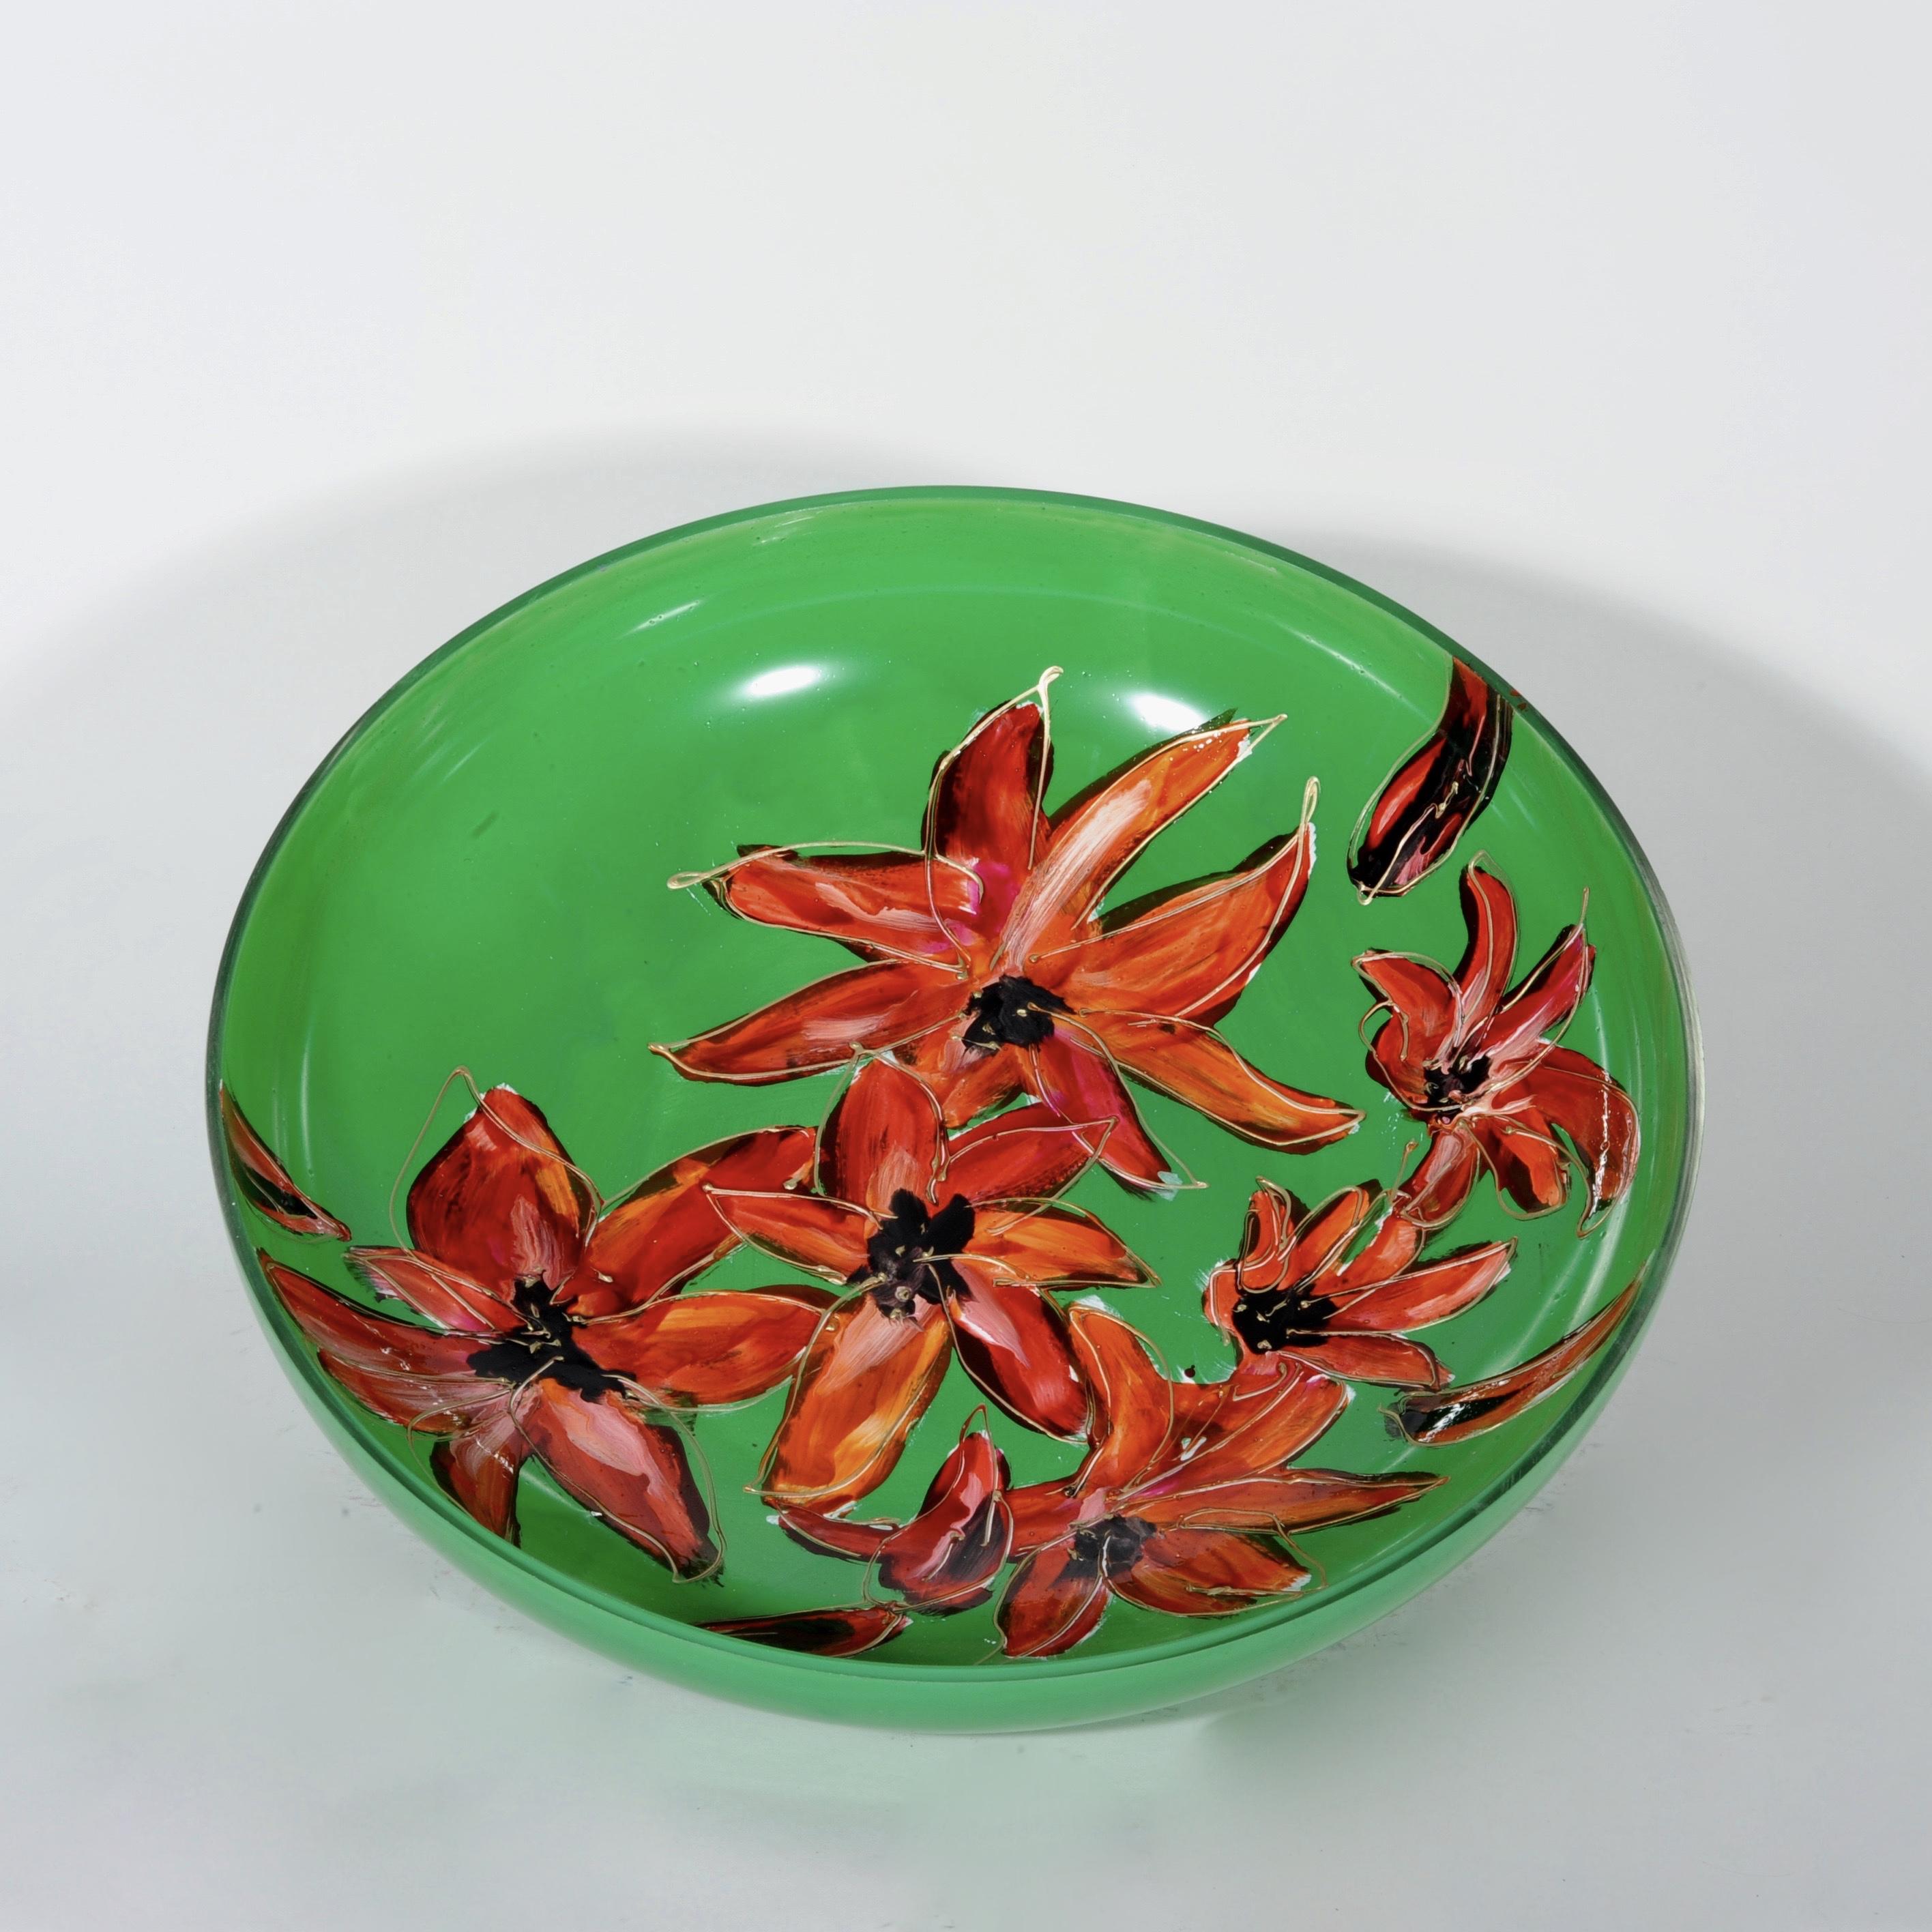 Lily groen schaal